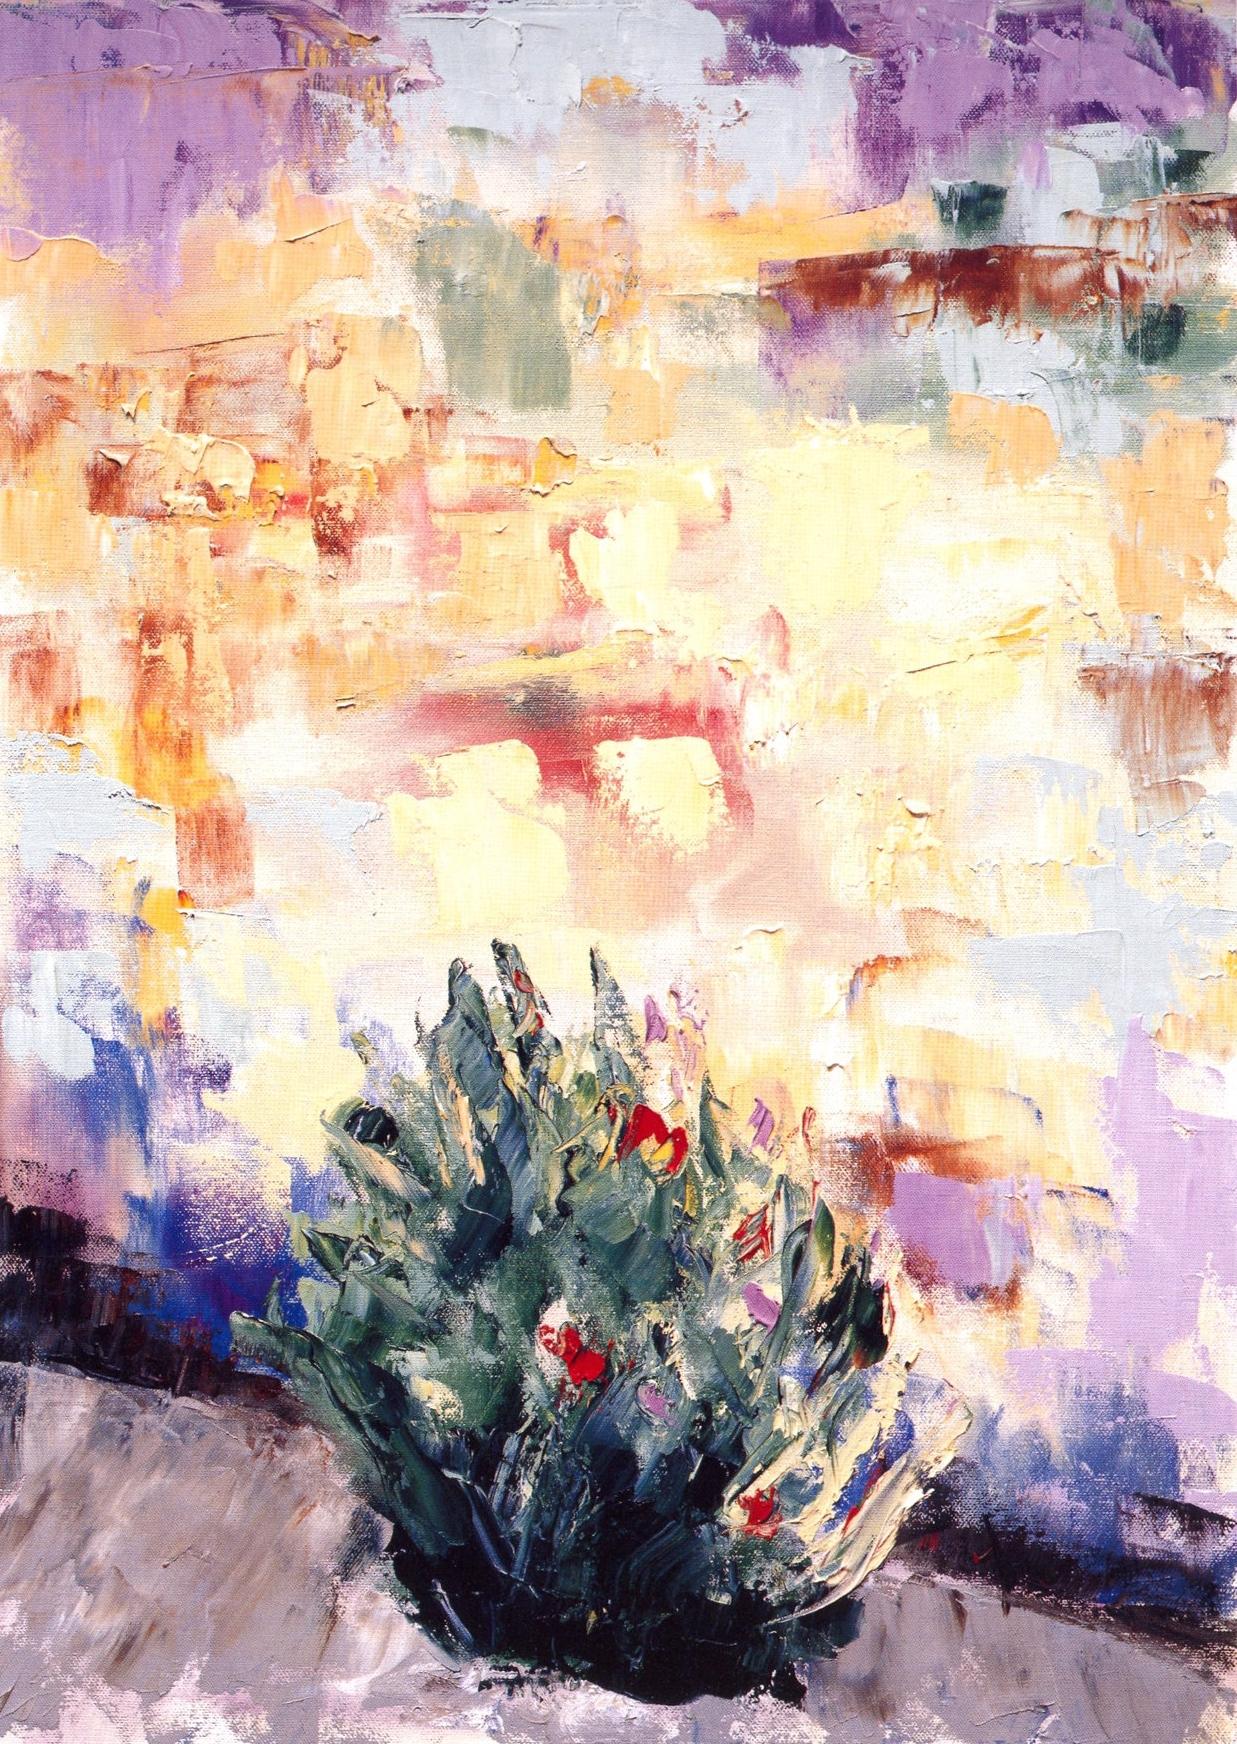 I Fiori é Muro #2 San Gimignano   Oil on canvas, 28'' x 20'', 2004